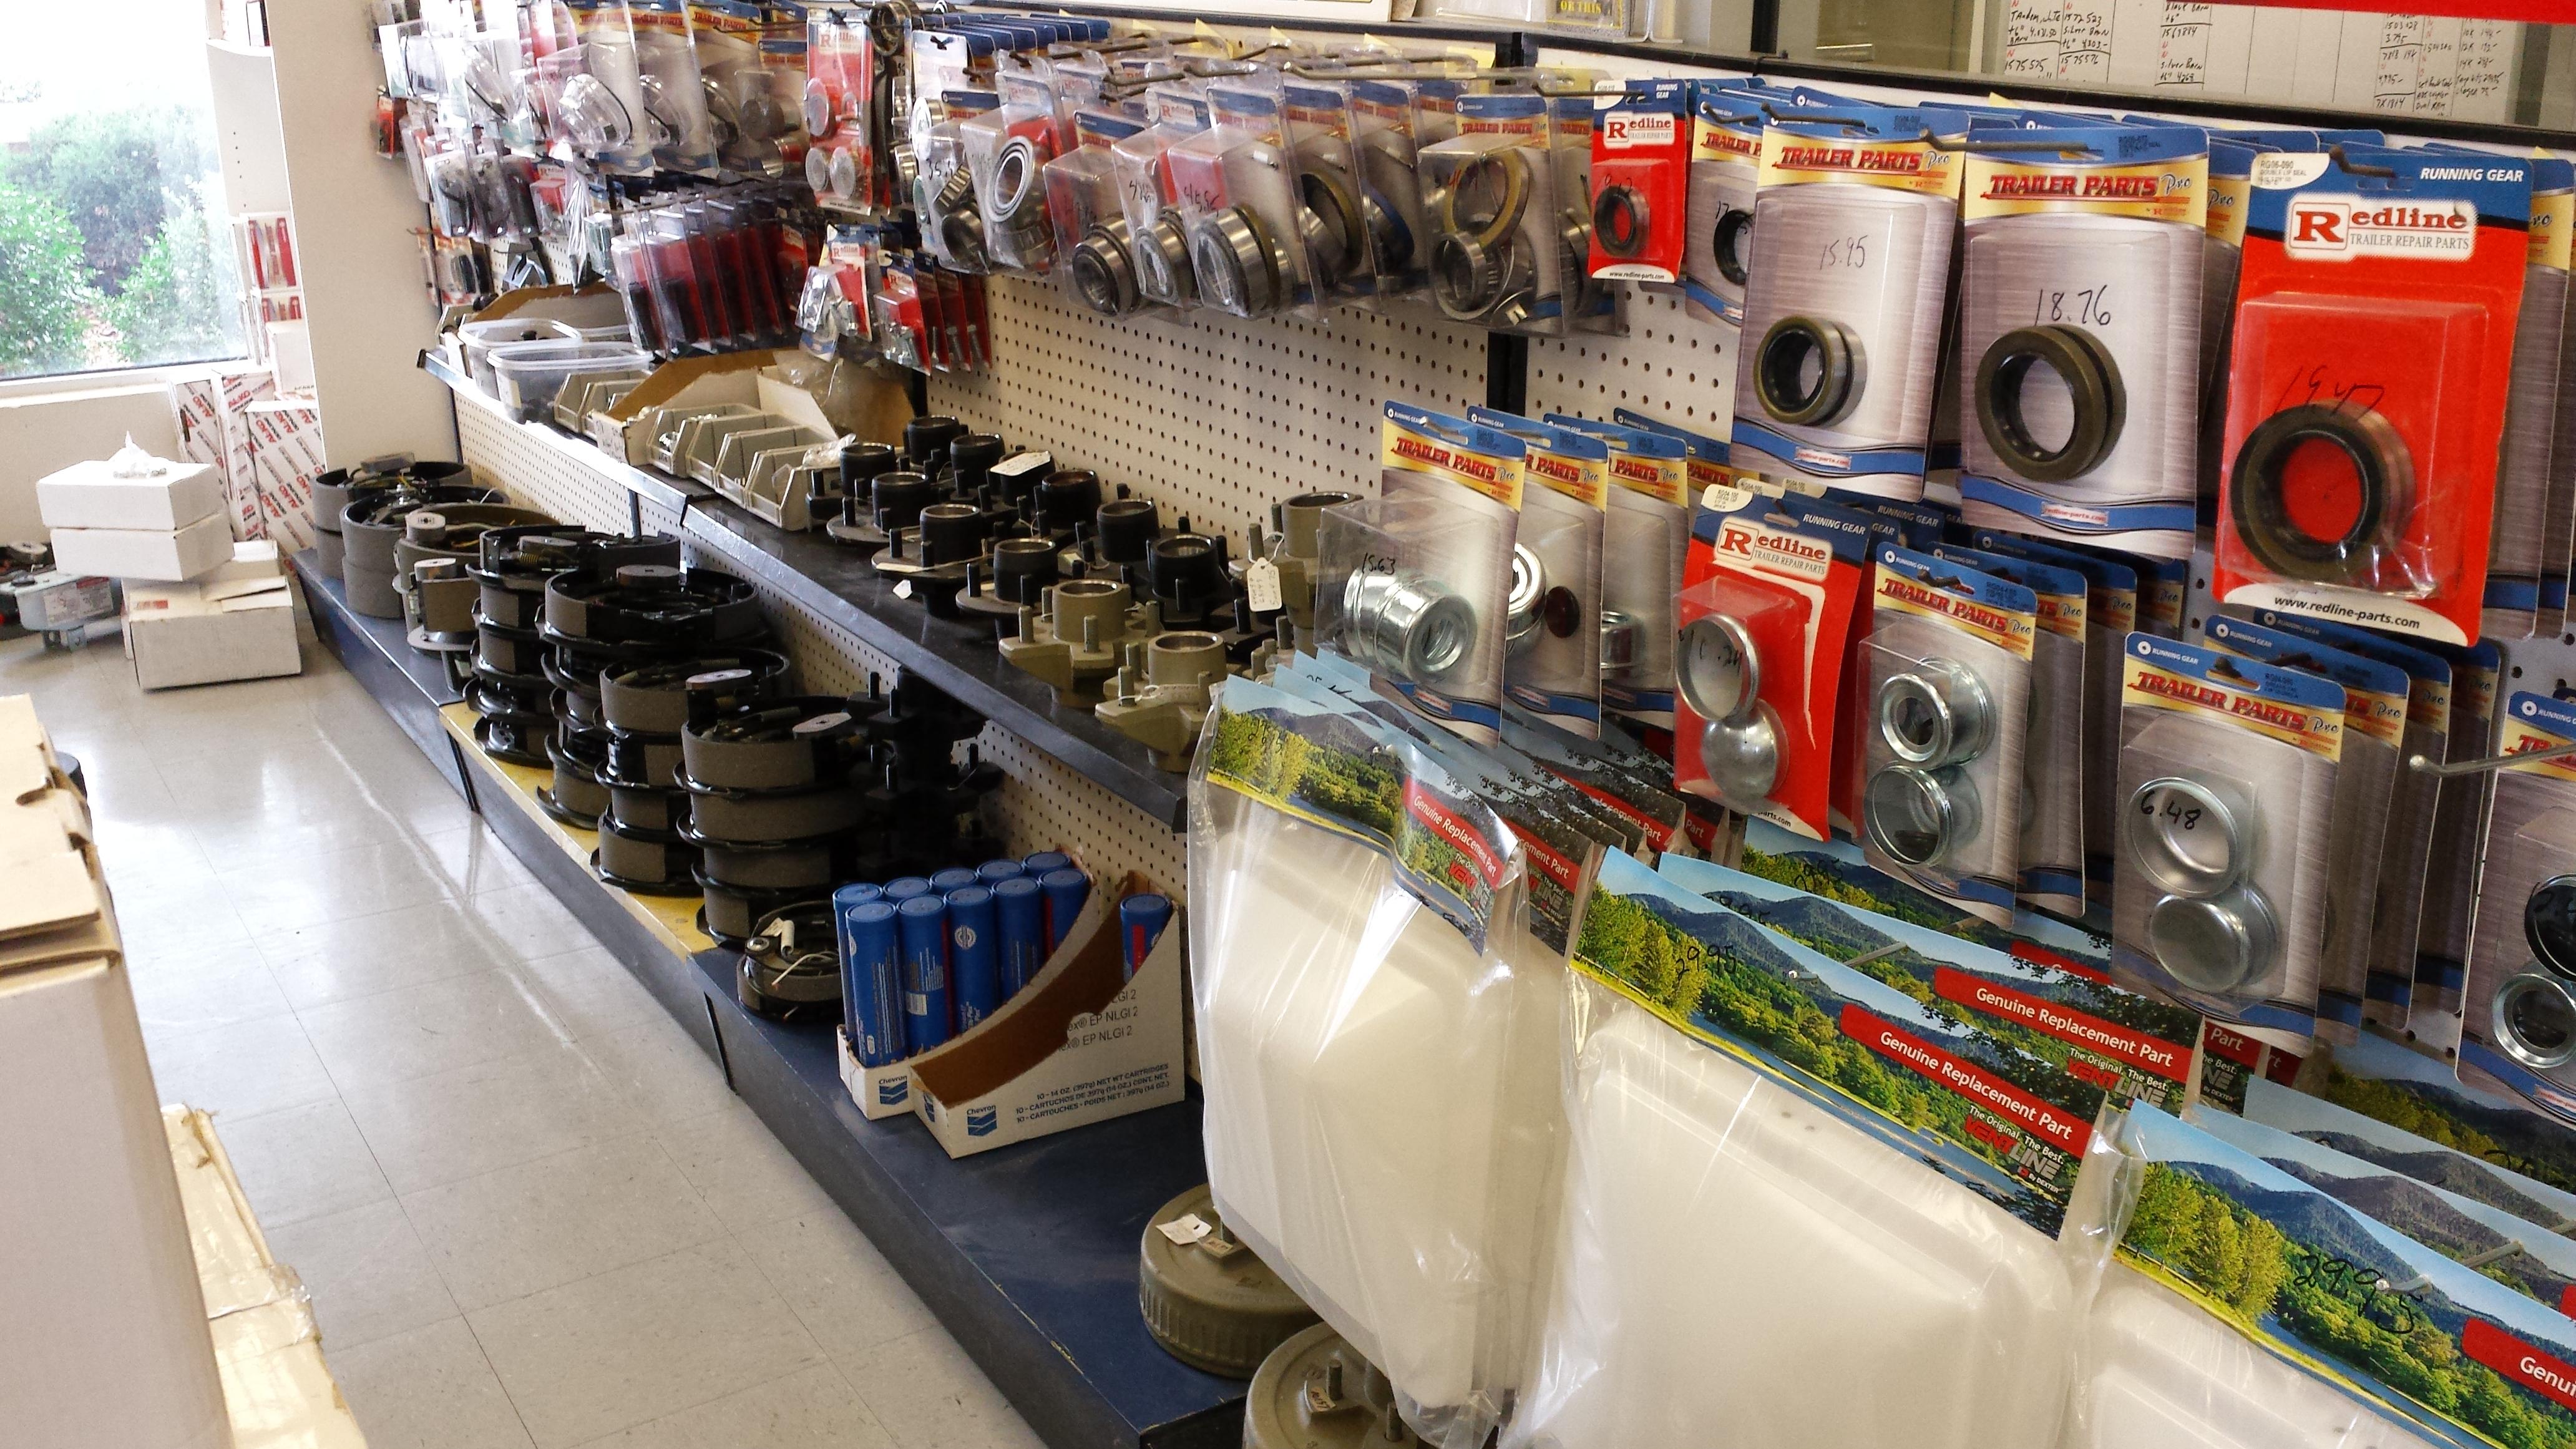 trailer parts, brakes, bearings and seals